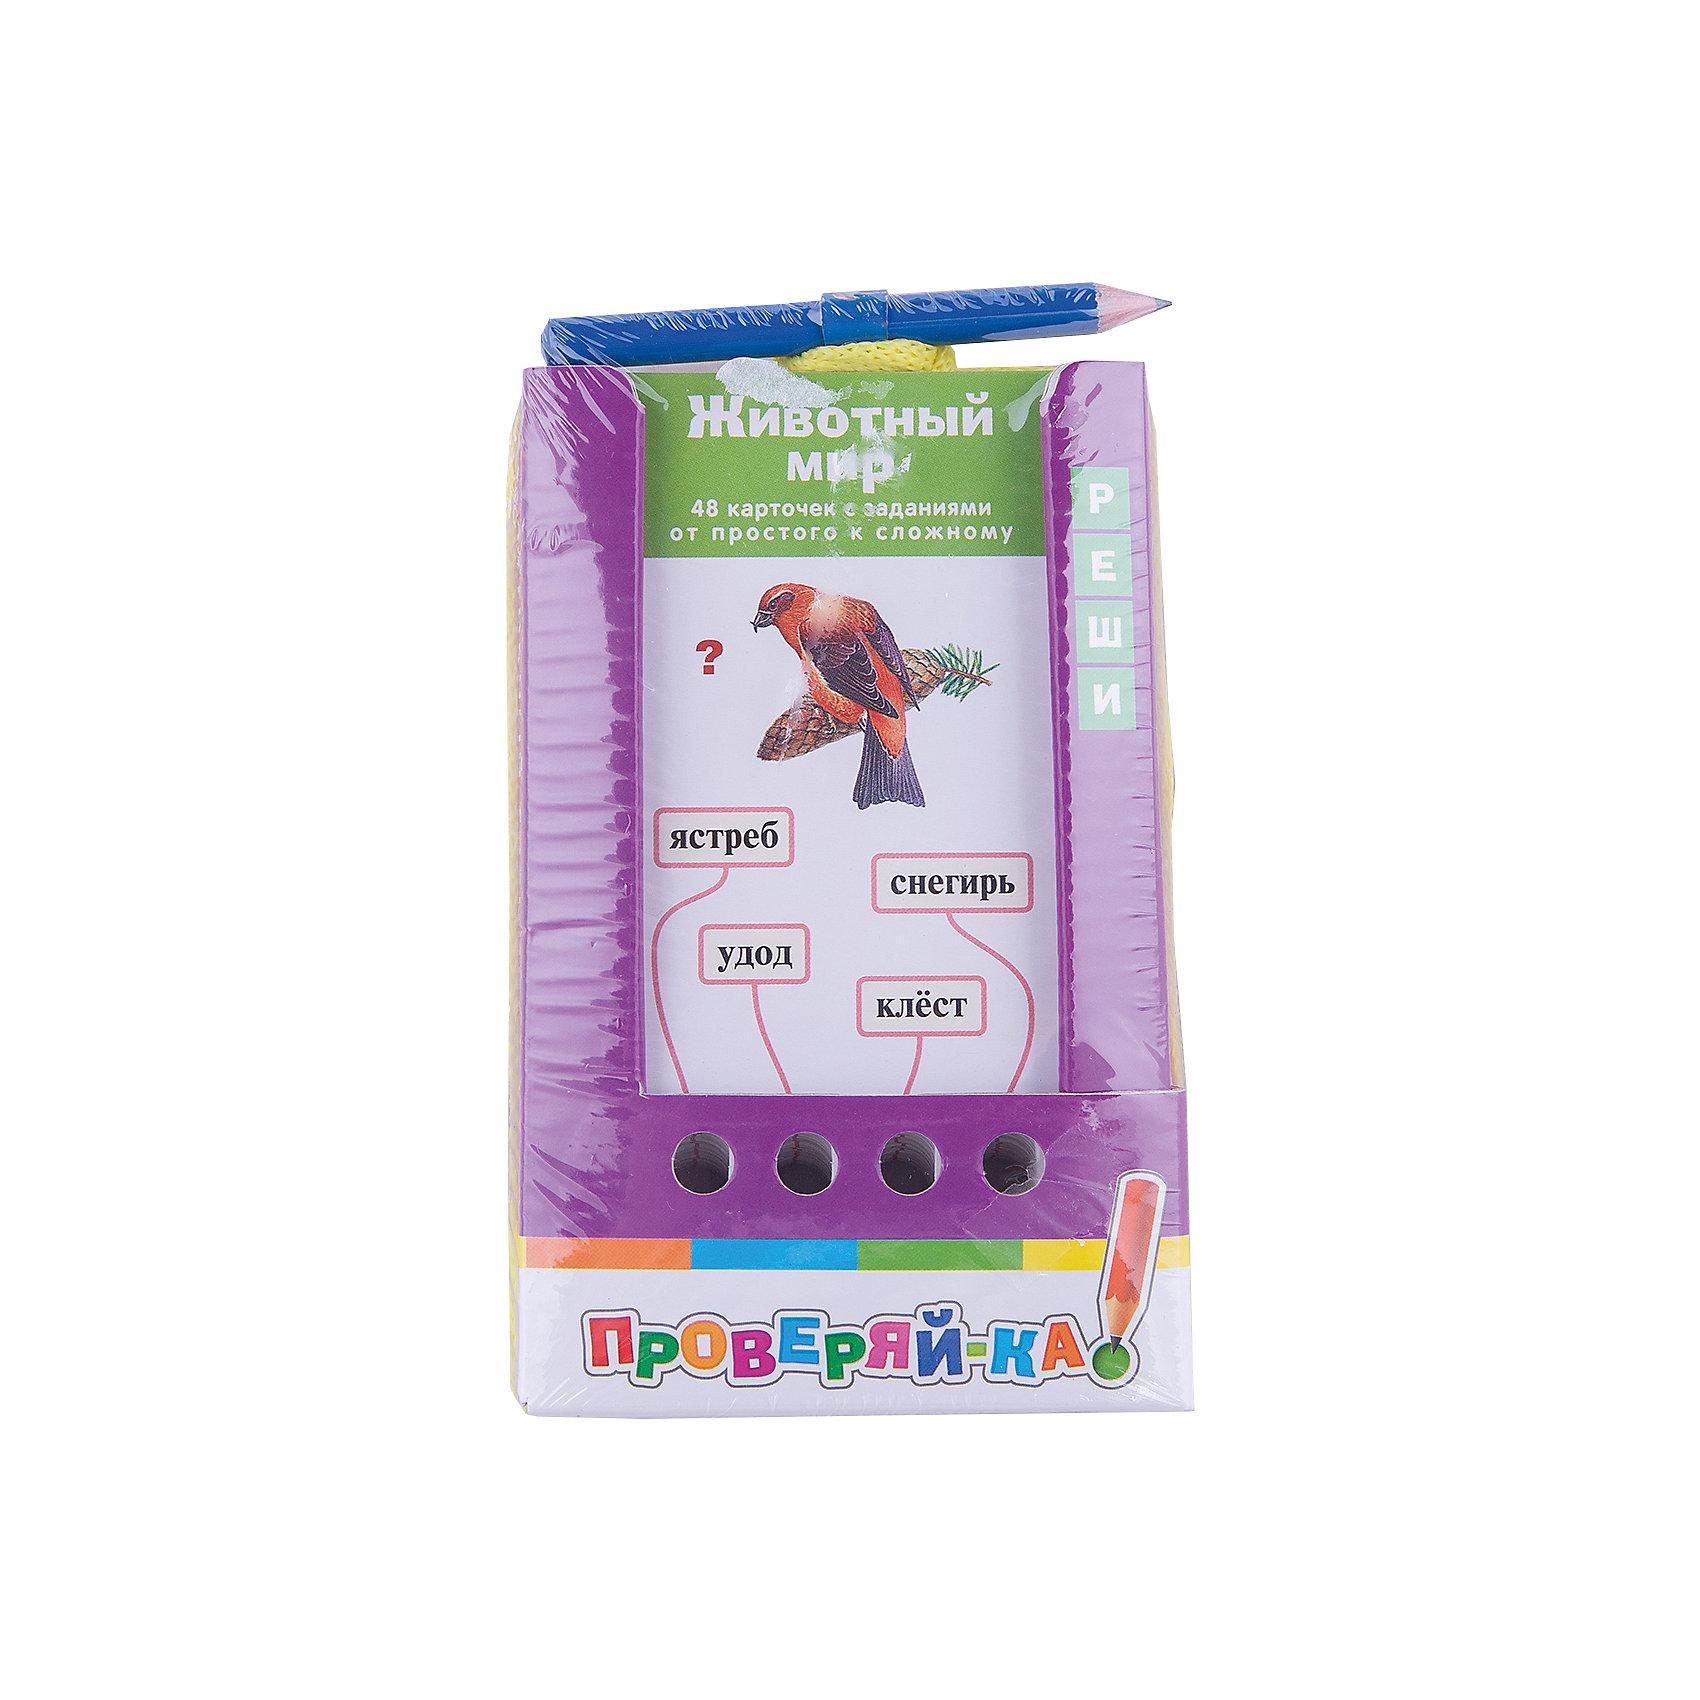 Проверяй-ка: Животный мир, Ходюшина Н.П.Обучающие карточки<br>Характеристики товара:<br><br>• возраст: от 6 лет<br>• комплектация: 48 двухсторонних картонных карточек; блок с закрепленным карандашом<br>• автор: Ходюшина Н.П.<br>• производитель: Айрис-пресс<br>• серия: Проверяй-ка<br>• иллюстрации: черно-белые, цветные<br>• размер карточки: 14х8,5 см.<br>• длина карандаша: 8,5 см.<br>• упаковка: картонная коробка<br>• размер упаковки: 14,5х9х2 см.<br>• вес: 118 гр.<br><br>Комплект состоит из 48 двухсторонних карточек и рассчитан на две разных игры с цветной и чёрно-белой сторонами.<br><br>Задания помогут проверить и закрепить знания ребёнка о животных, расширят его кругозор.<br><br>В заданиях на цветной стороне нужно выбрать правильный ответ из 4-х предложенных. Для этих заданий предусмотрен оригинальный механизм самопроверки. Во время выполнения заданий карточки вставлены в блок, внизу которого расположено 4 отверстия. Выбрав вариант ответа, нужно вставить карандаш (прикреплен к блоку) в соответствующее ответу отверстие. Затем нужно потянуть за карточку, если ответ выбран правильно, карточка вынется из блока, если неверно - нет.<br><br>В заданиях на черно-белой стороне нет вариантов ответов, тут нужно самому выполнять задания. Для выполнения задания нужен карандаш, он прикреплен к блоку. Правильные ответы написаны внизу карточек (когда карточка вставлена в блок, ответ не виден).<br><br>Условия игры с карточками подразумевают их многократное использование. Простота и удобство комплекта позволяют организовать игру в школе и дома, а также в транспорте или на природе. Благодаря игровой форме пособия учебный материал усваивается легче и без принуждения, реализуется безопасное для здоровья ребёнка обучение.<br><br>Комплект Проверяй-ка: Животный мир, Ходюшина Н.П. можно купить в нашем интернет-магазине.<br><br>Ширина мм: 22<br>Глубина мм: 90<br>Высота мм: 140<br>Вес г: 120<br>Возраст от месяцев: 72<br>Возраст до месяцев: 96<br>Пол: Унисекс<br>Возраст: Детский<br>SKU: 68496